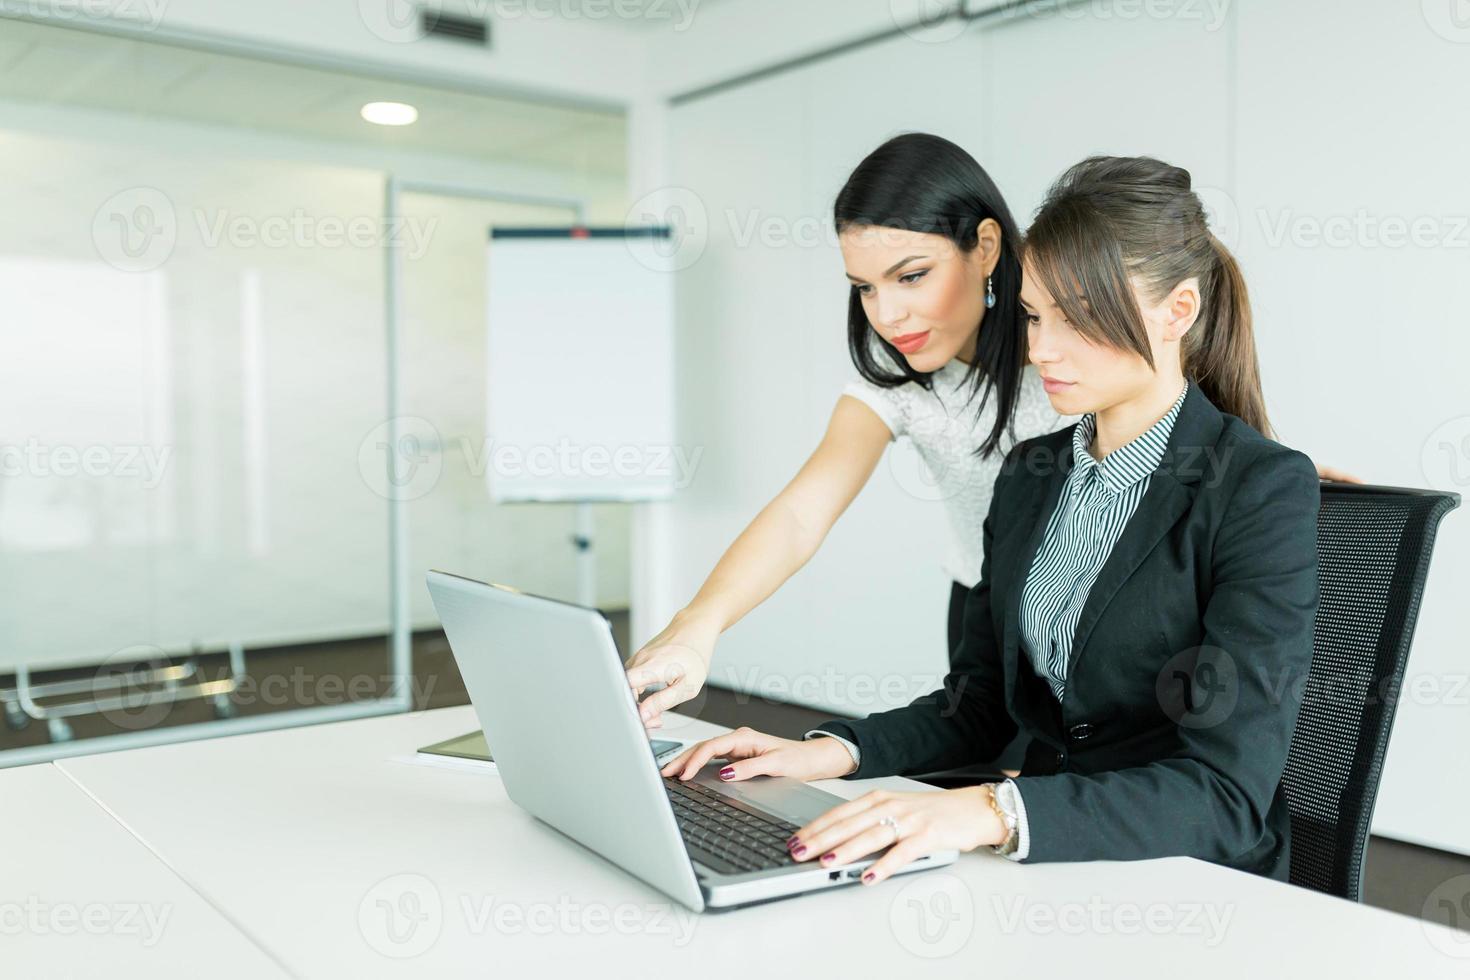 vrouwelijke ondernemers bespreken prestaties terwijl ze naar de laptop kijken foto